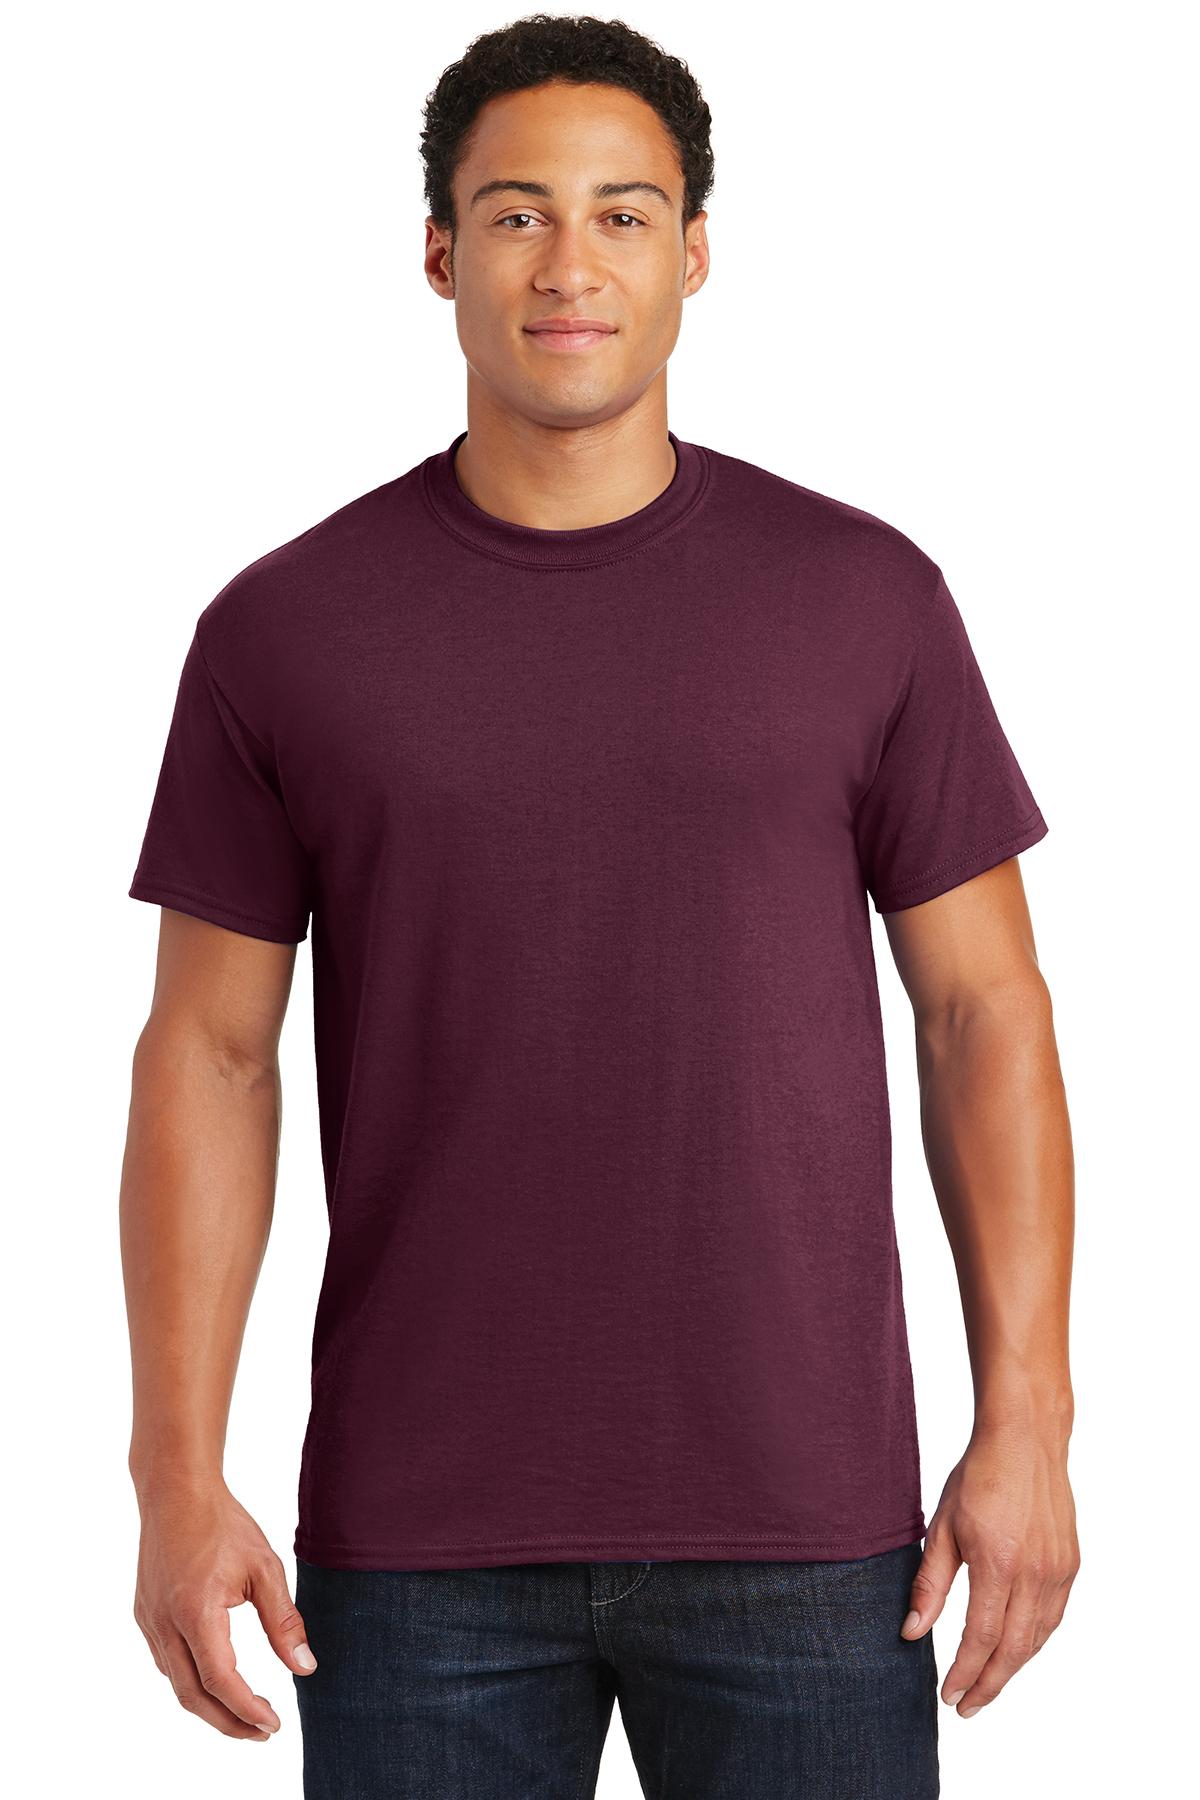 046e6ee23d1d Gildan® - DryBlend® 50 Cotton/50 Poly T-Shirt | 50/50 Blend | T-Shirts ...